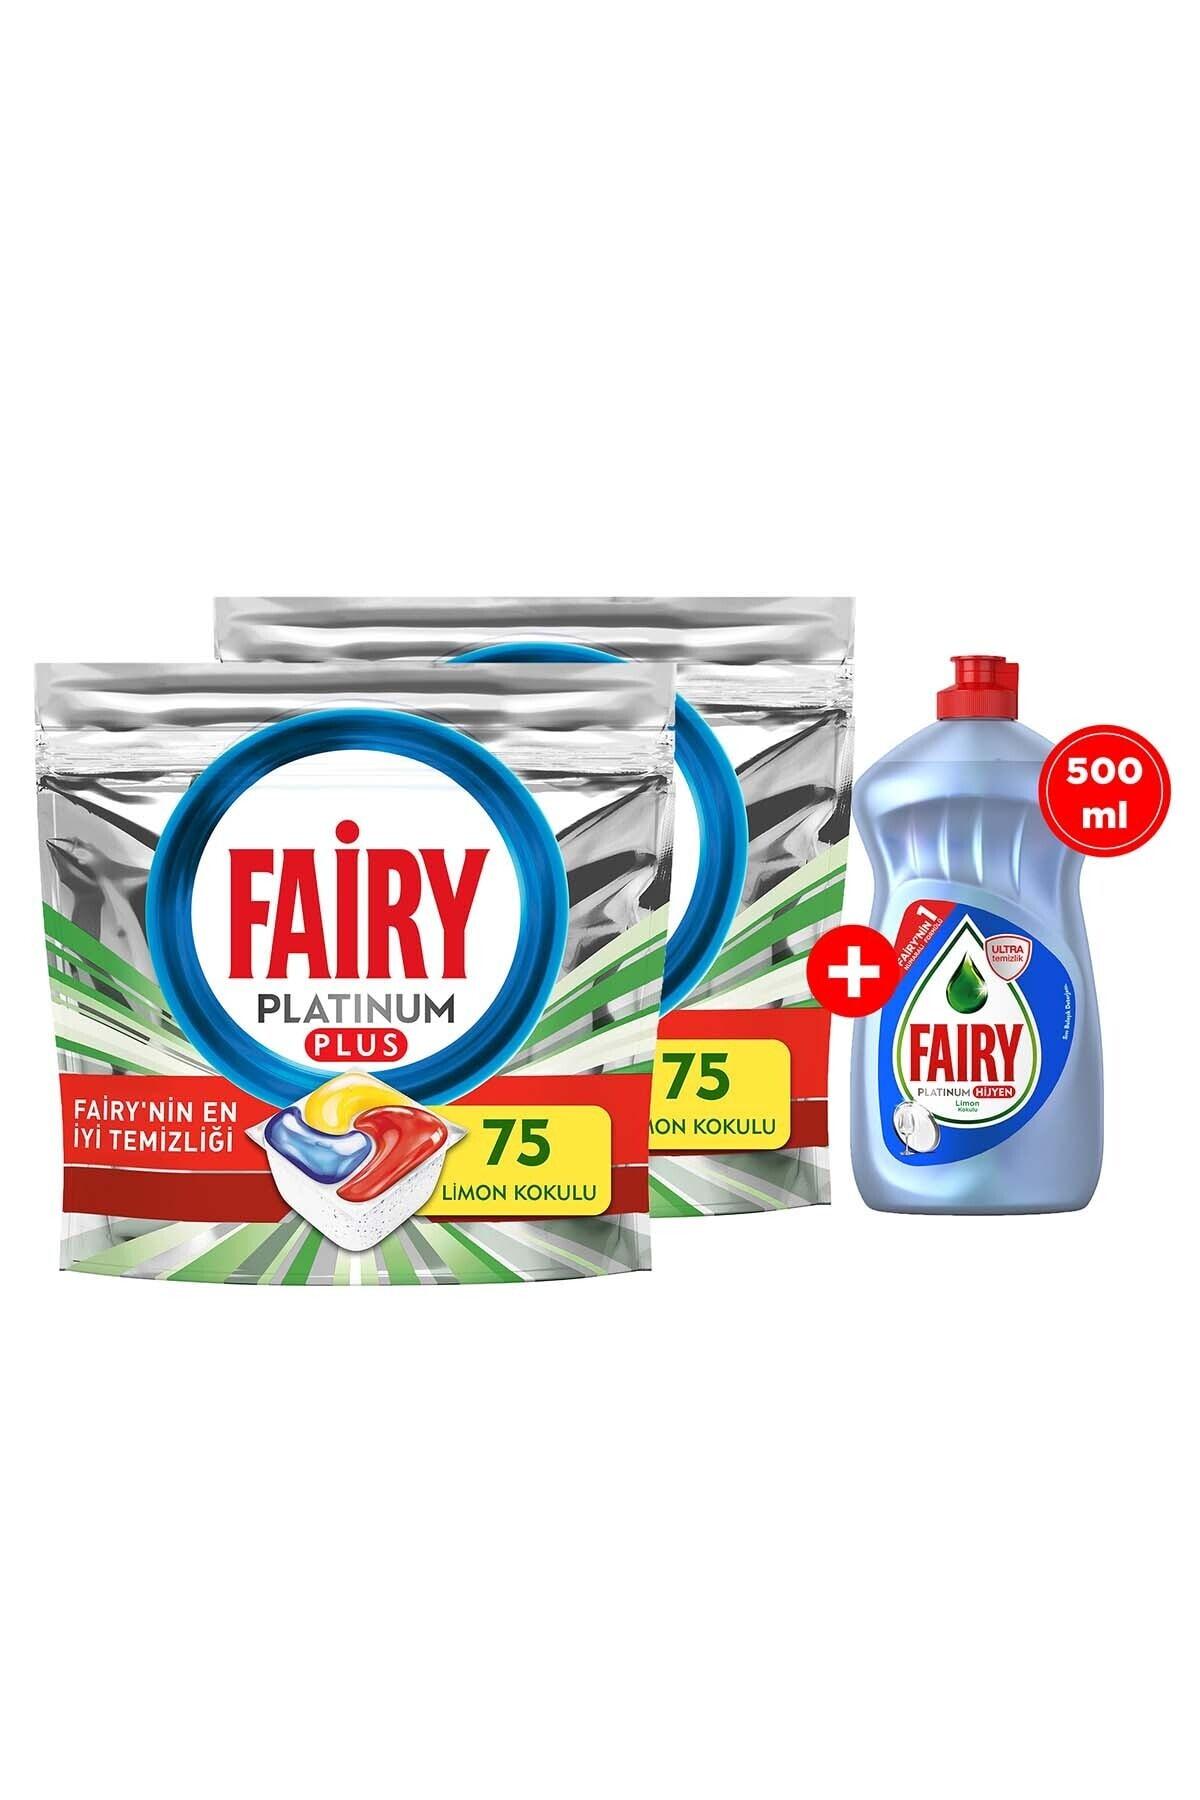 Fairy Platinum Plus 150 Kapsül Bulaşık Makinesi Deterjanı + 500 ml Elde Bulaşık Deterjanı Hijyen 1